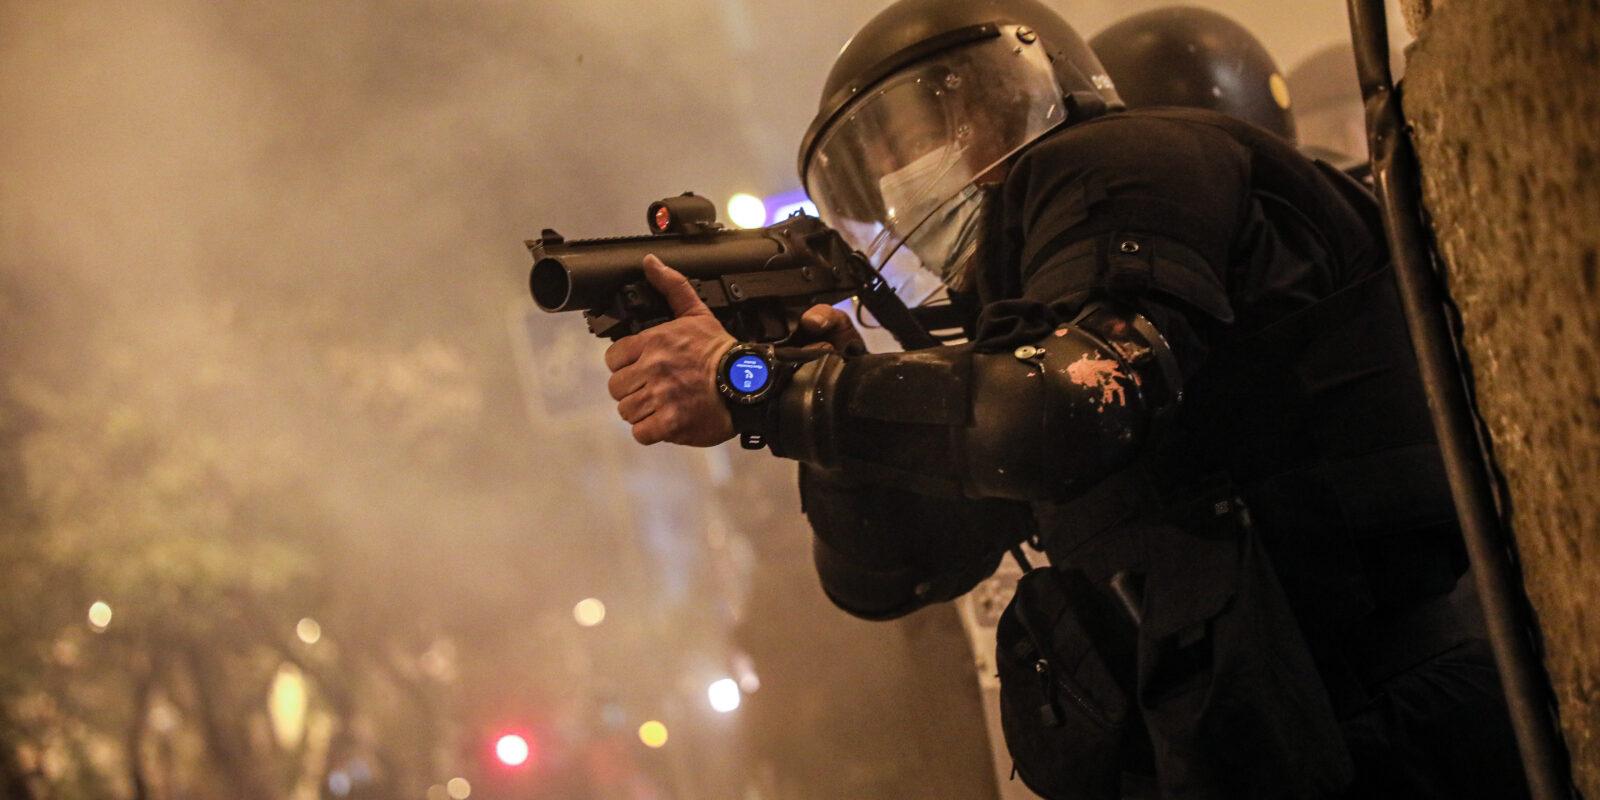 Antiavalot disparant projectils de foam a la protesta per Hasél / Jordi Borràs